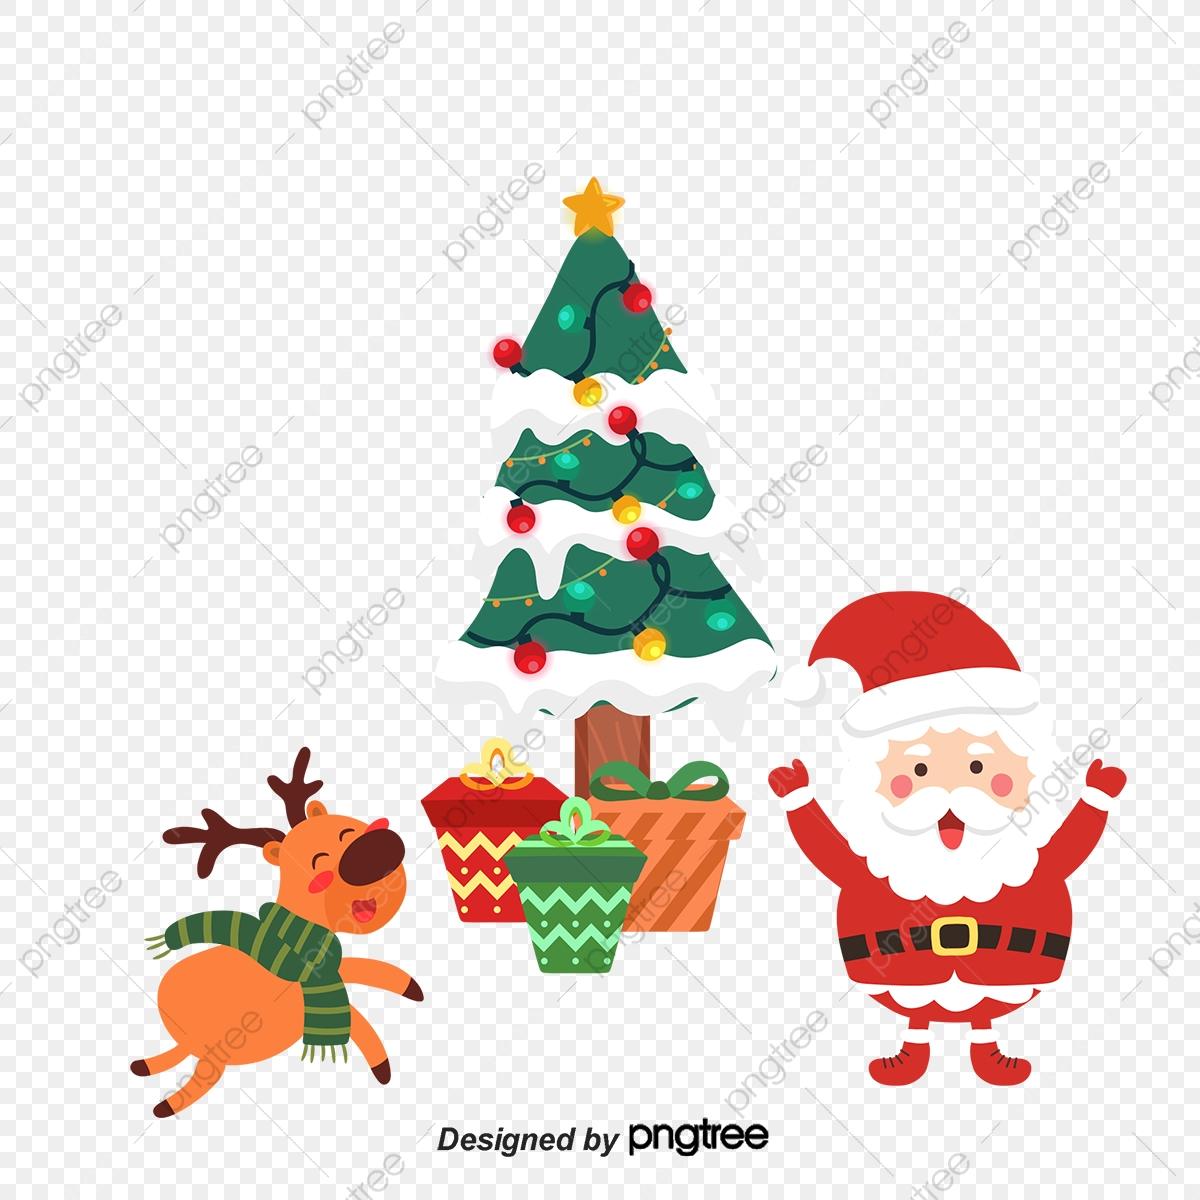 Un Sapin De Noël Hiver Animal Arbre De Noël Fichier Png